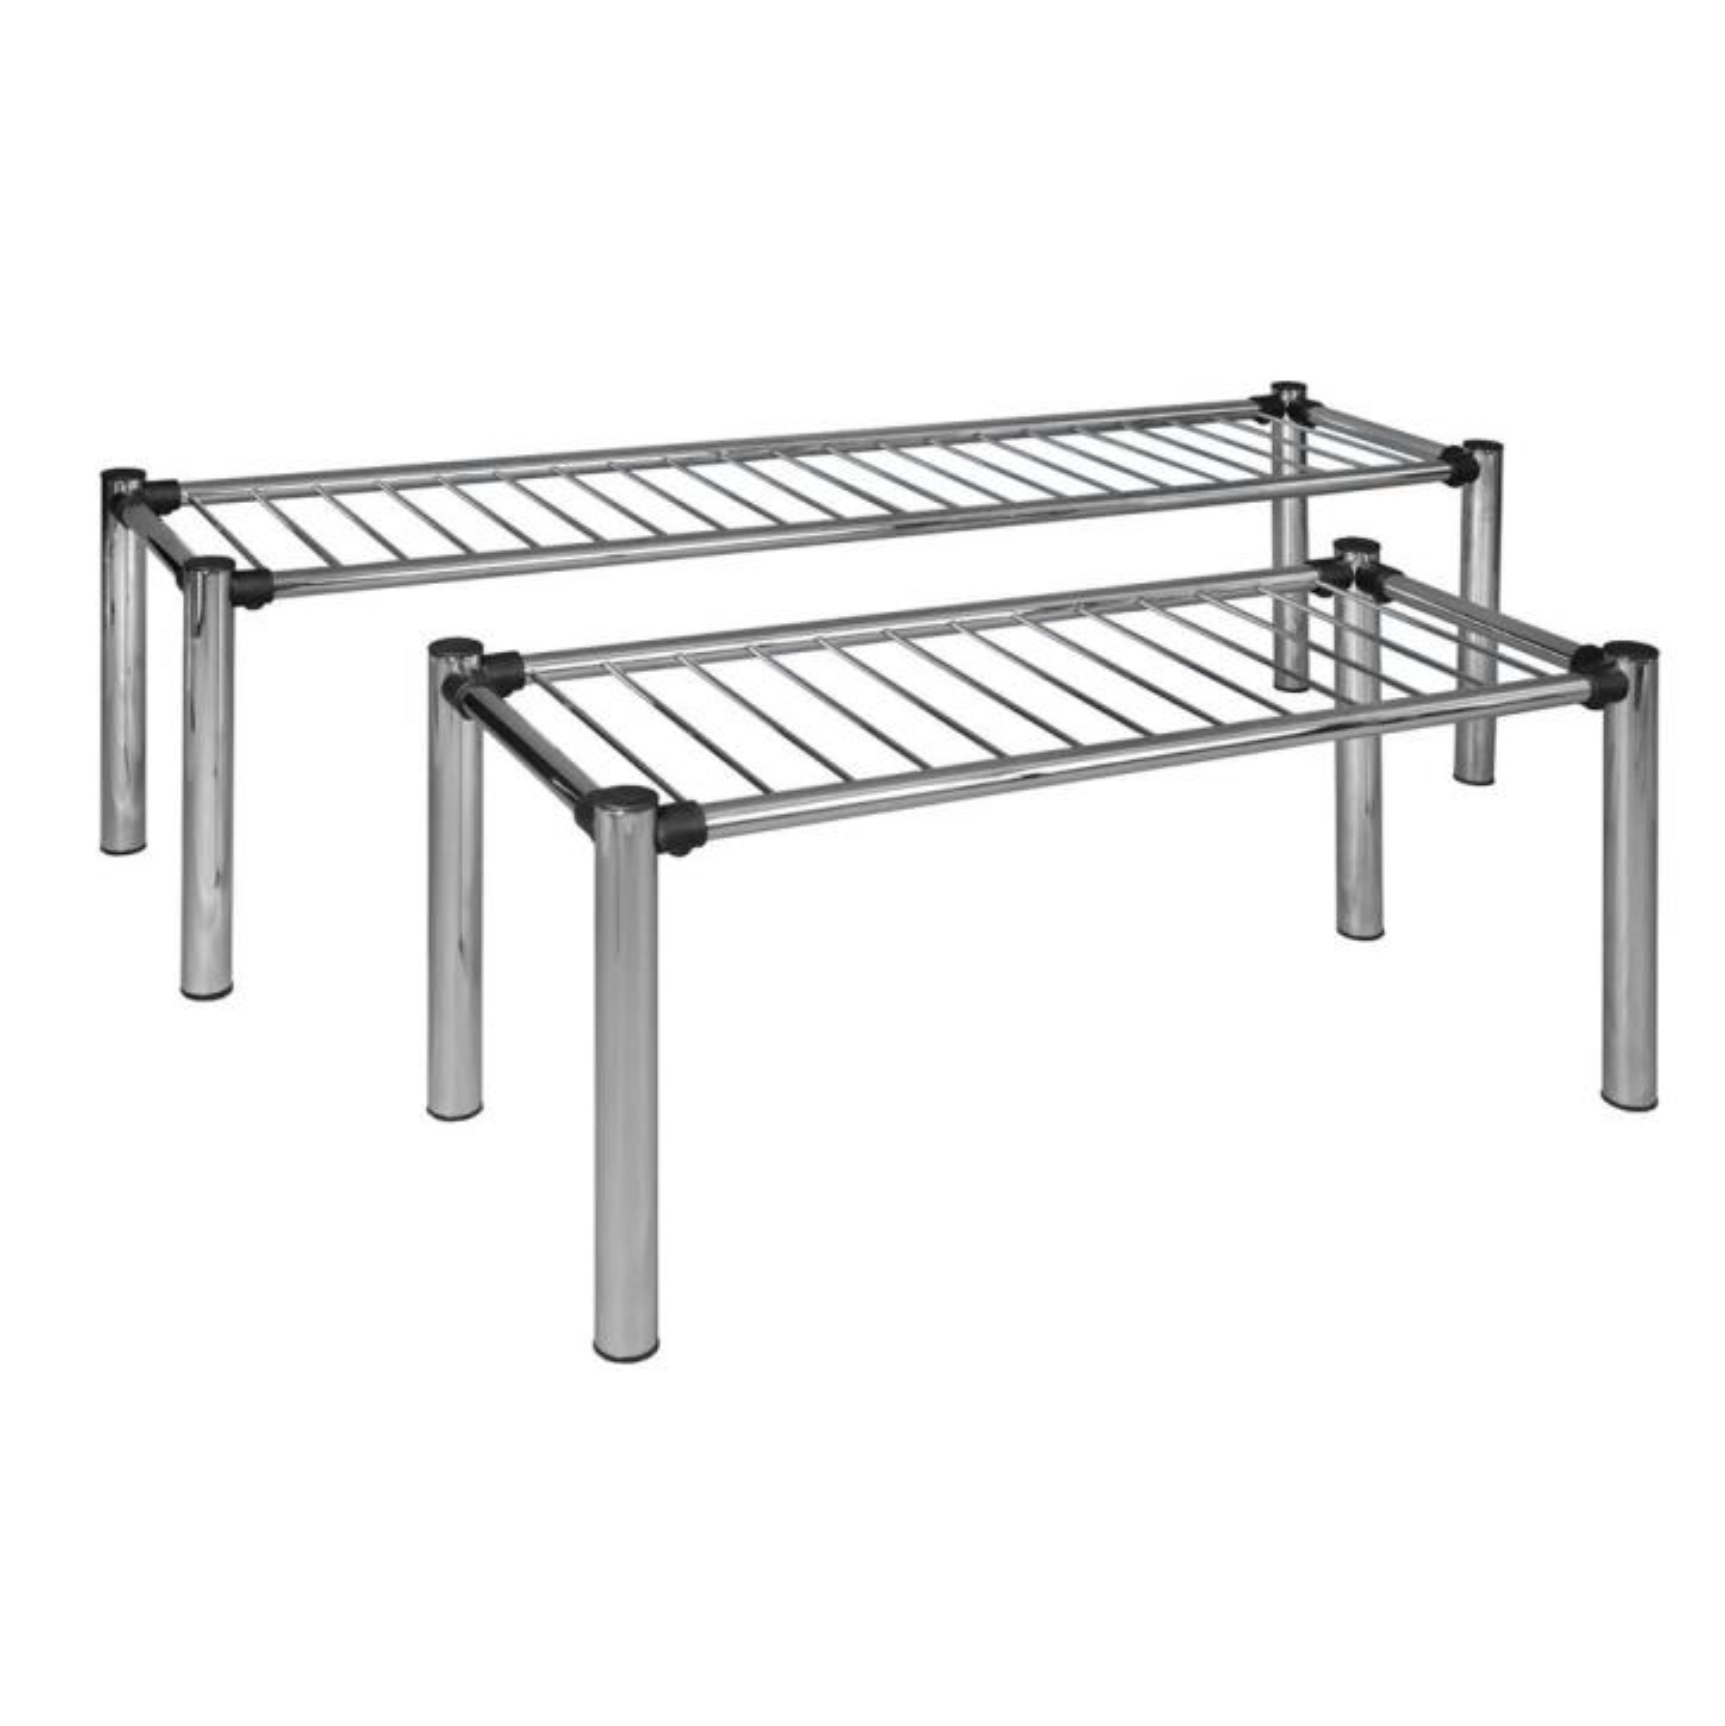 Tisch Kundenführungssystem für Einkaufskörbe